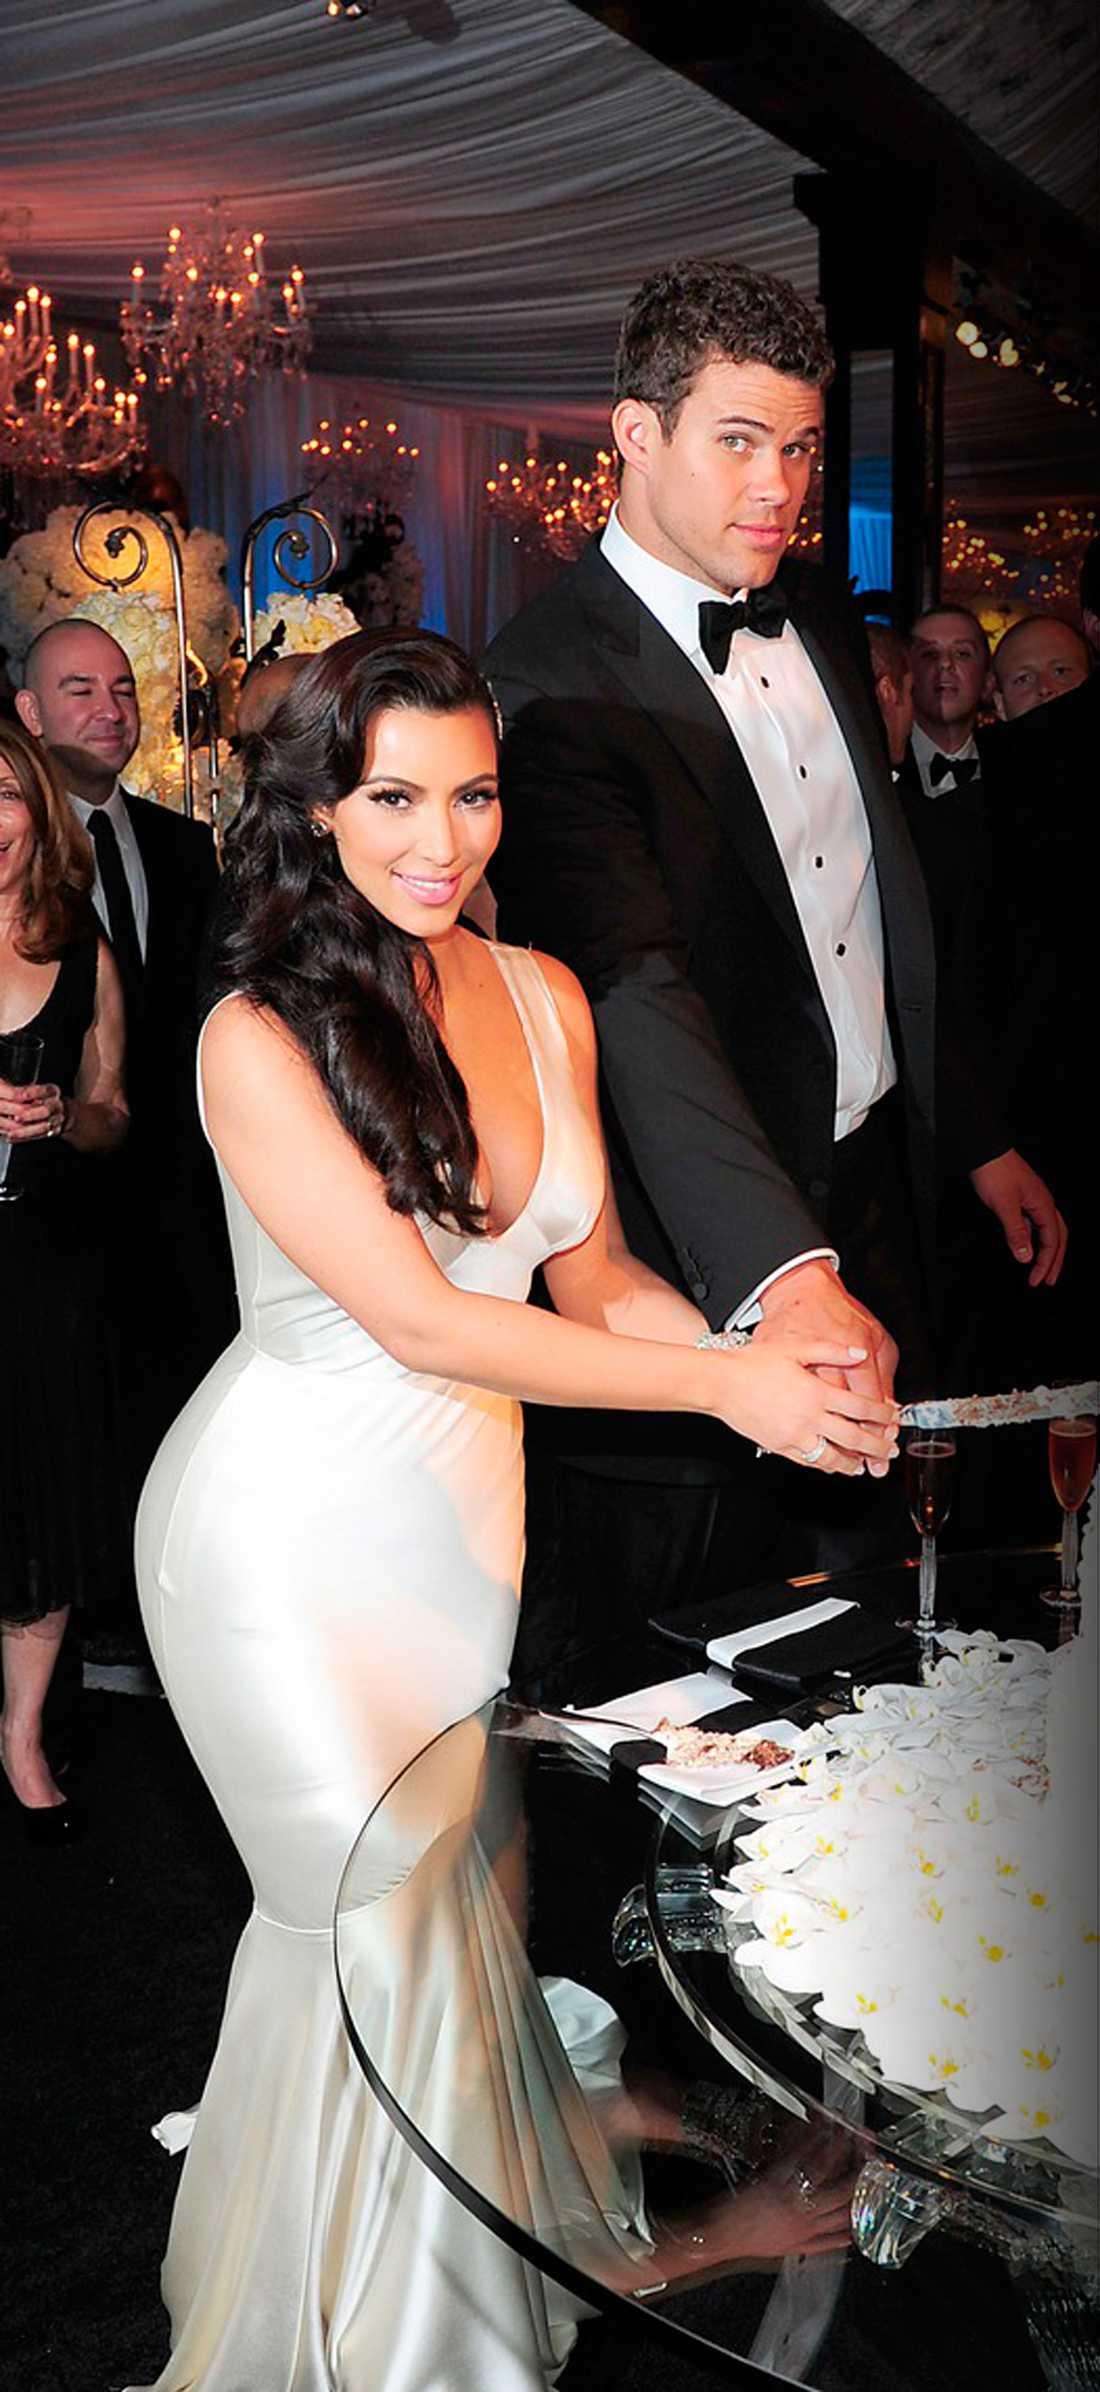 c29e8d41d553 20 augusti 2011 gifte sig Kim Kardashian och Kris Humphries under  bombastiska former.